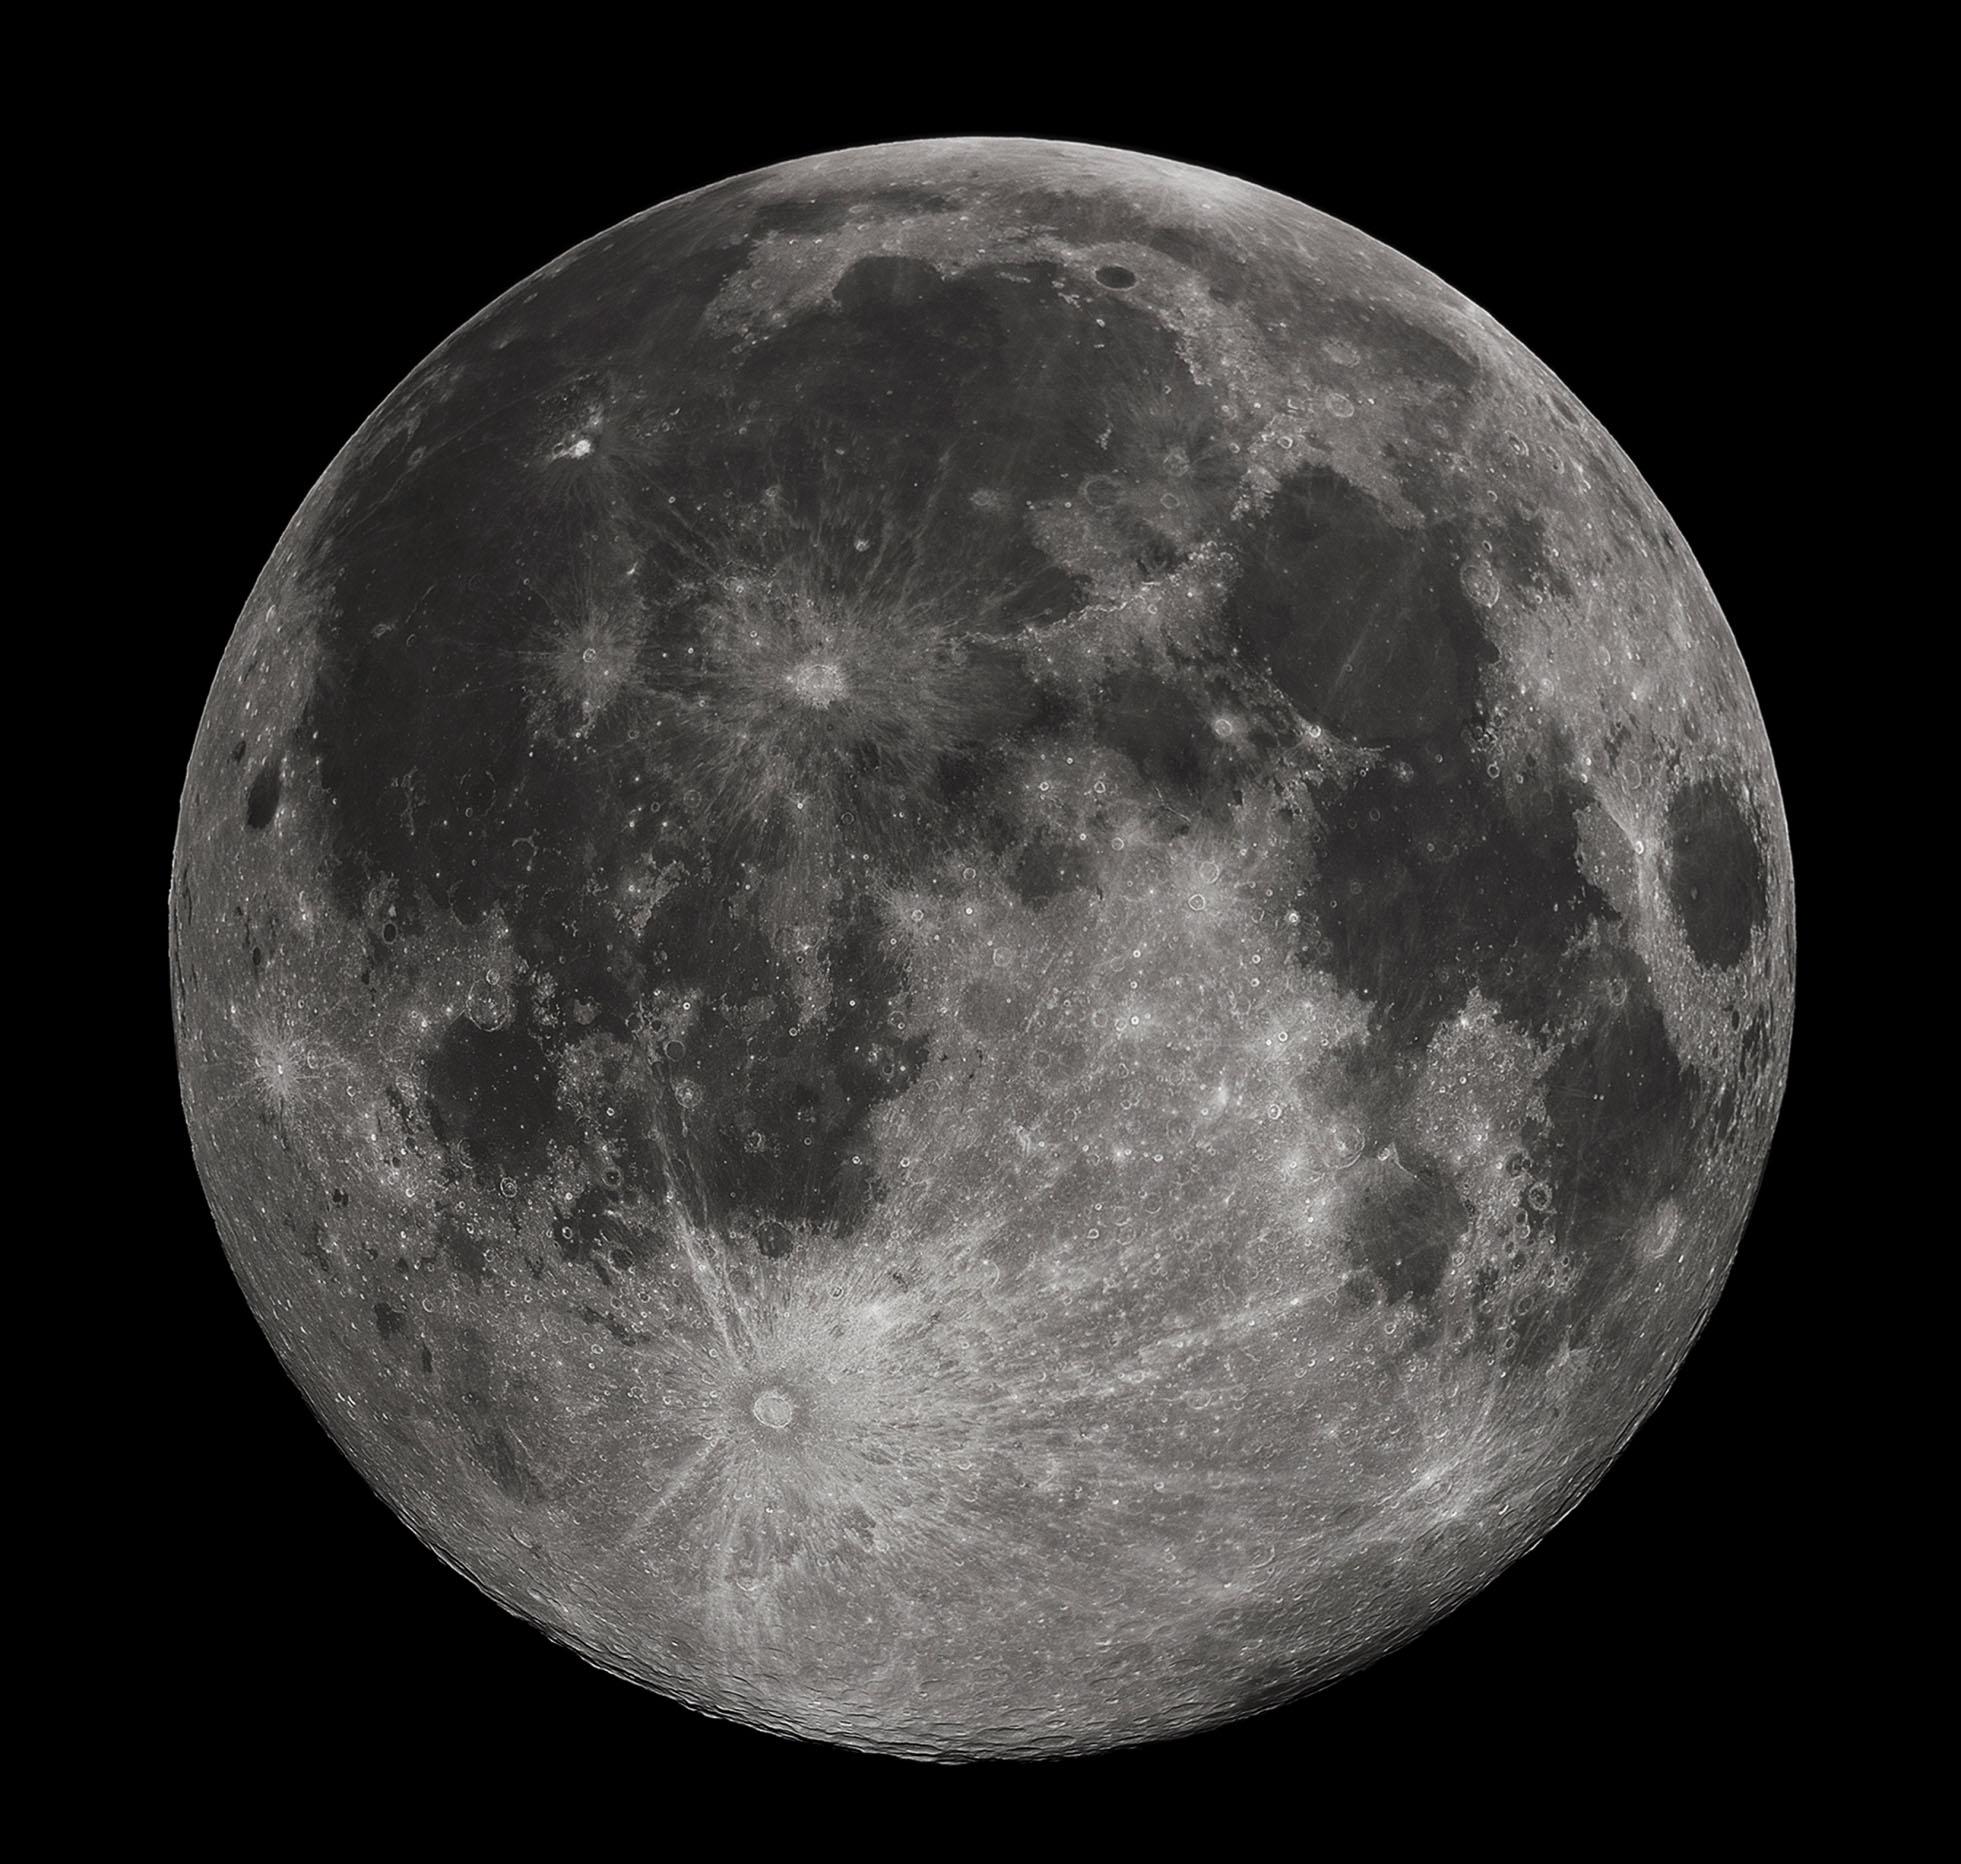 en48-satellites-of-the-terrestrial-planets_03